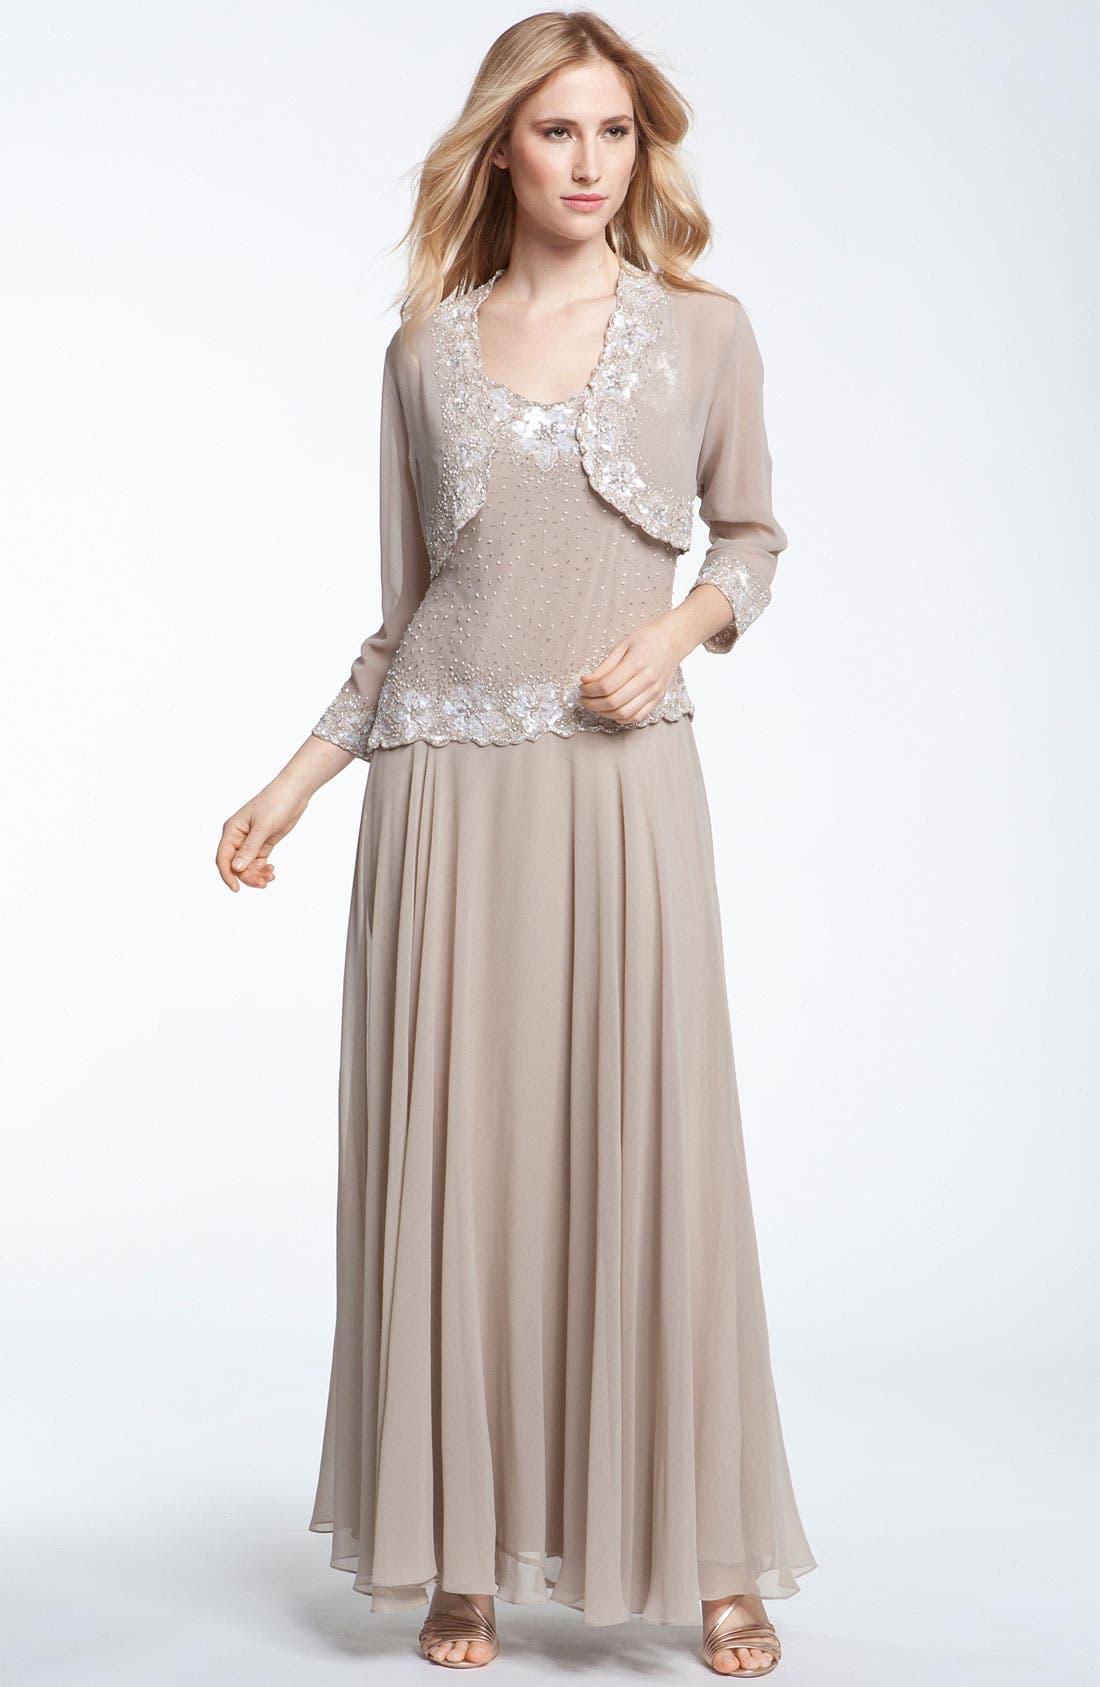 Main Image - J Kara Beaded Dress & Bolero